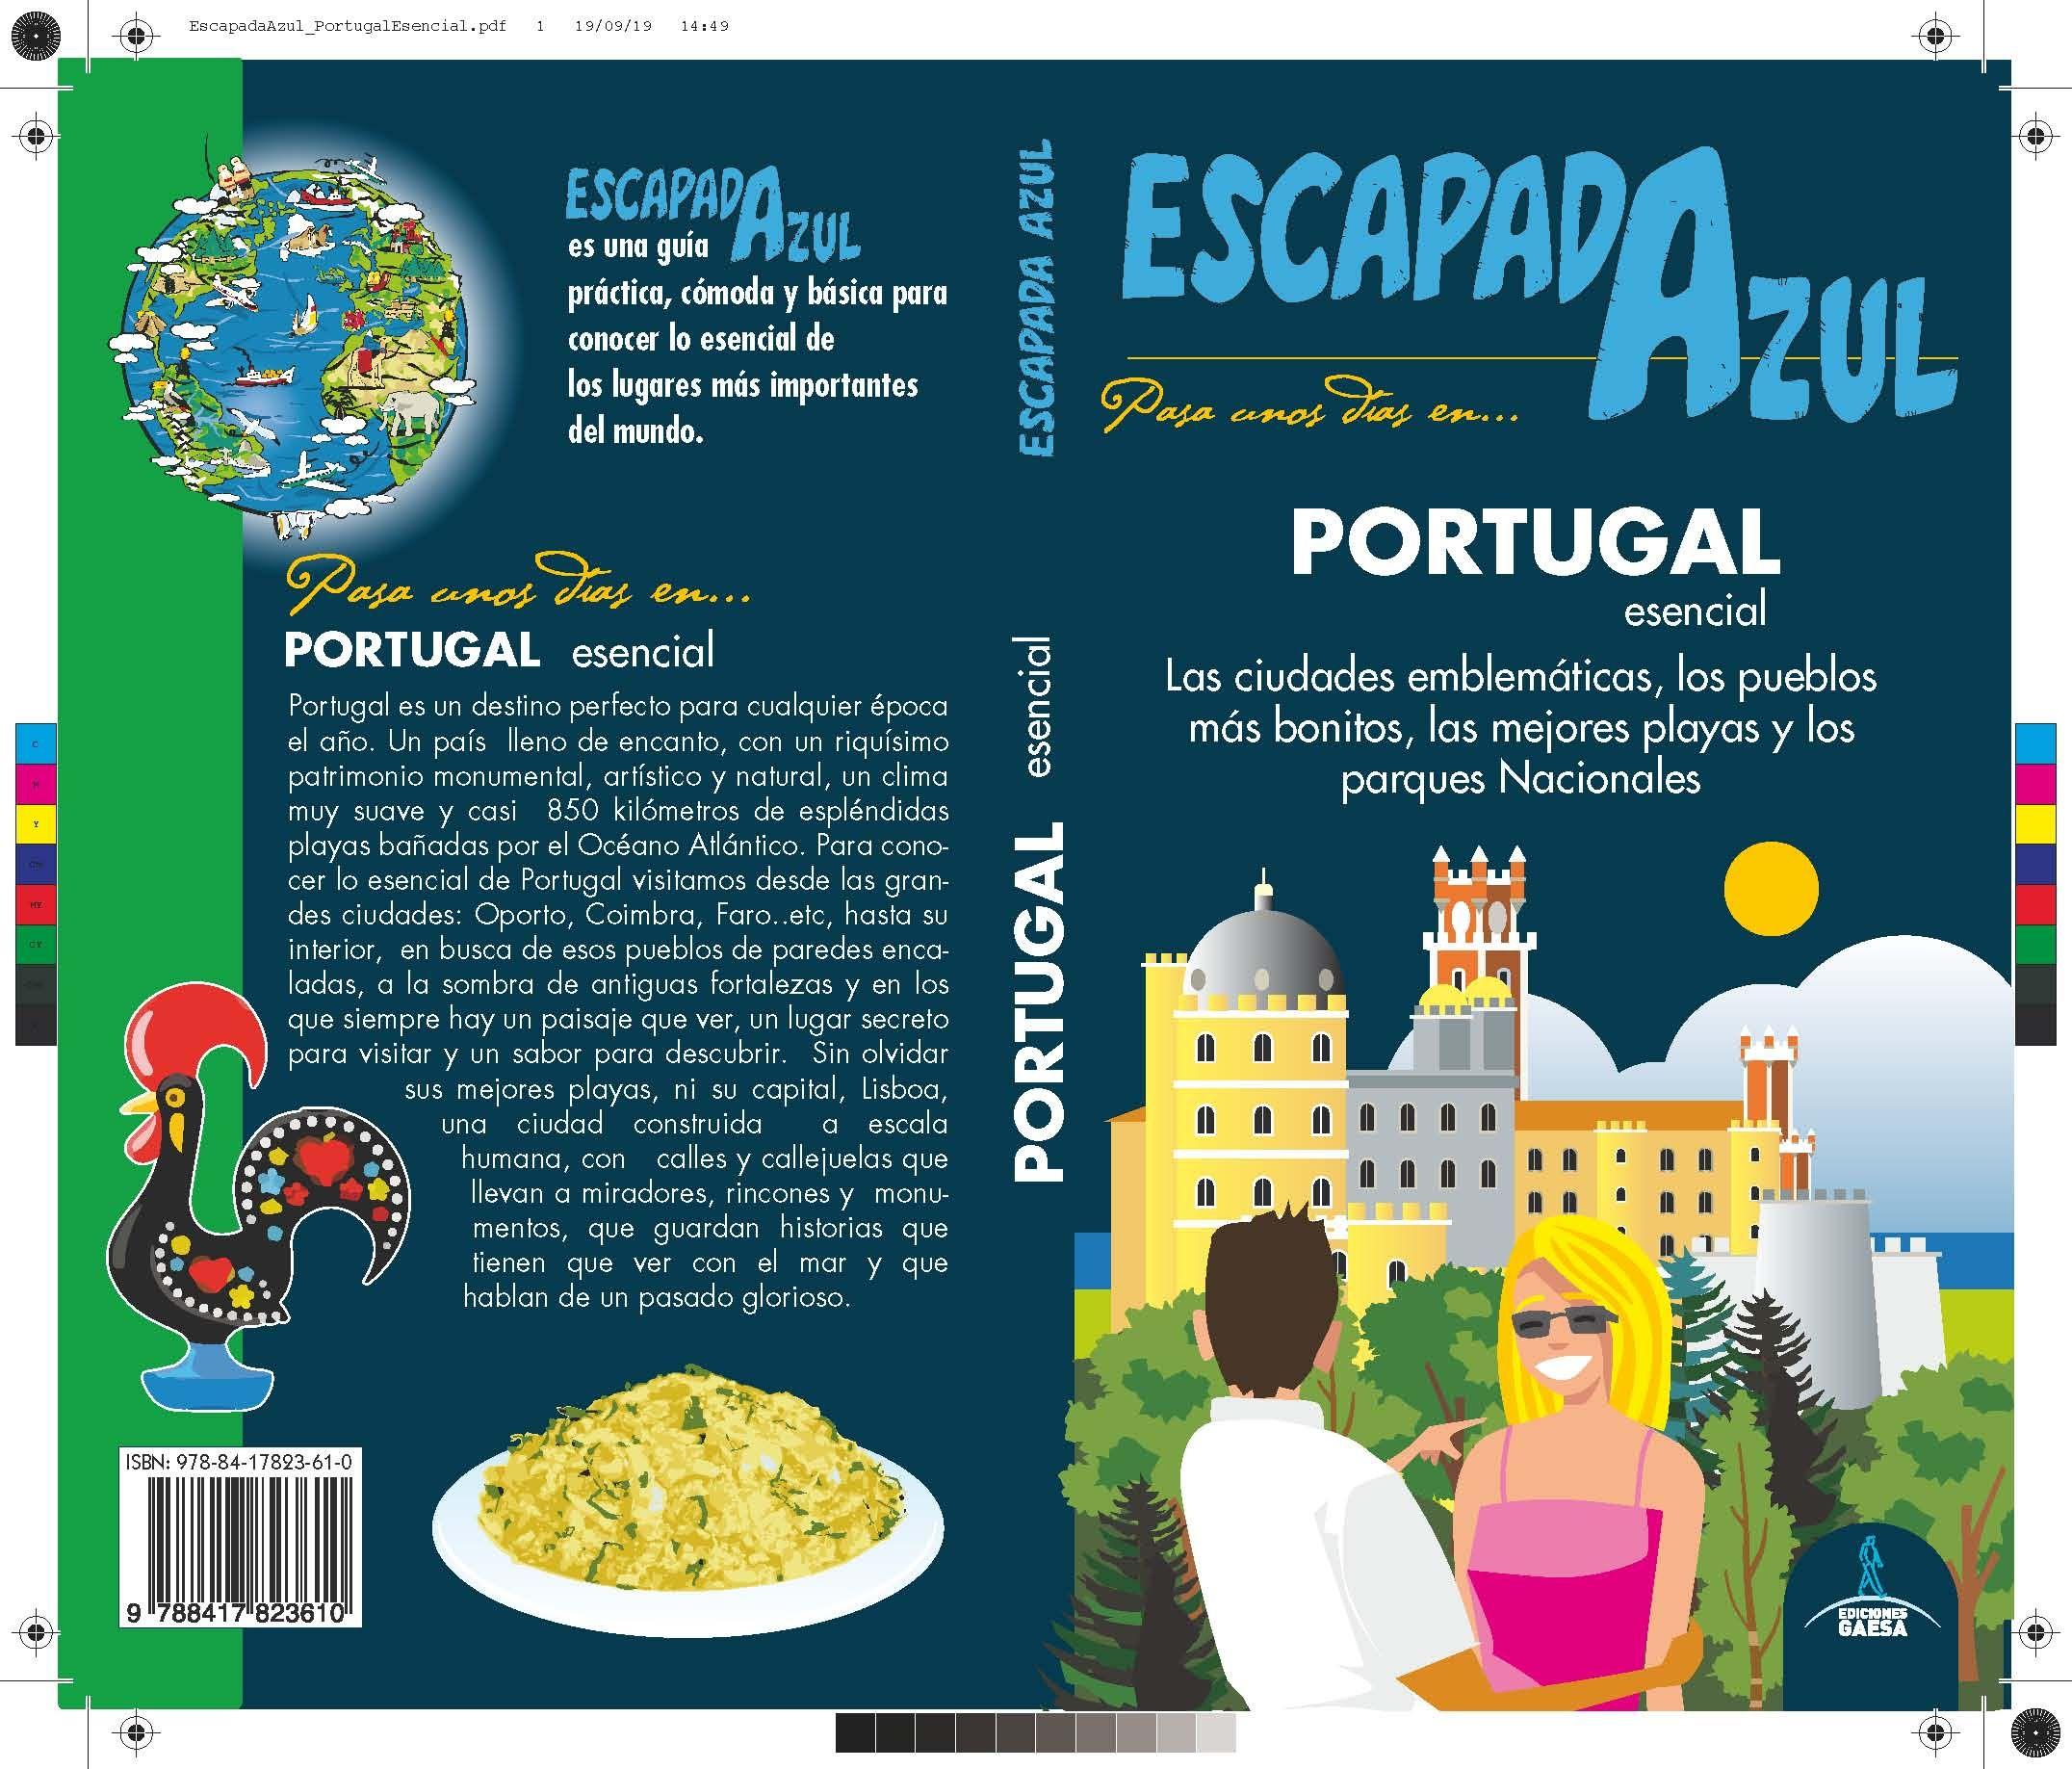 PORTUGAL ESENCIAL ESCAPADA AZUL